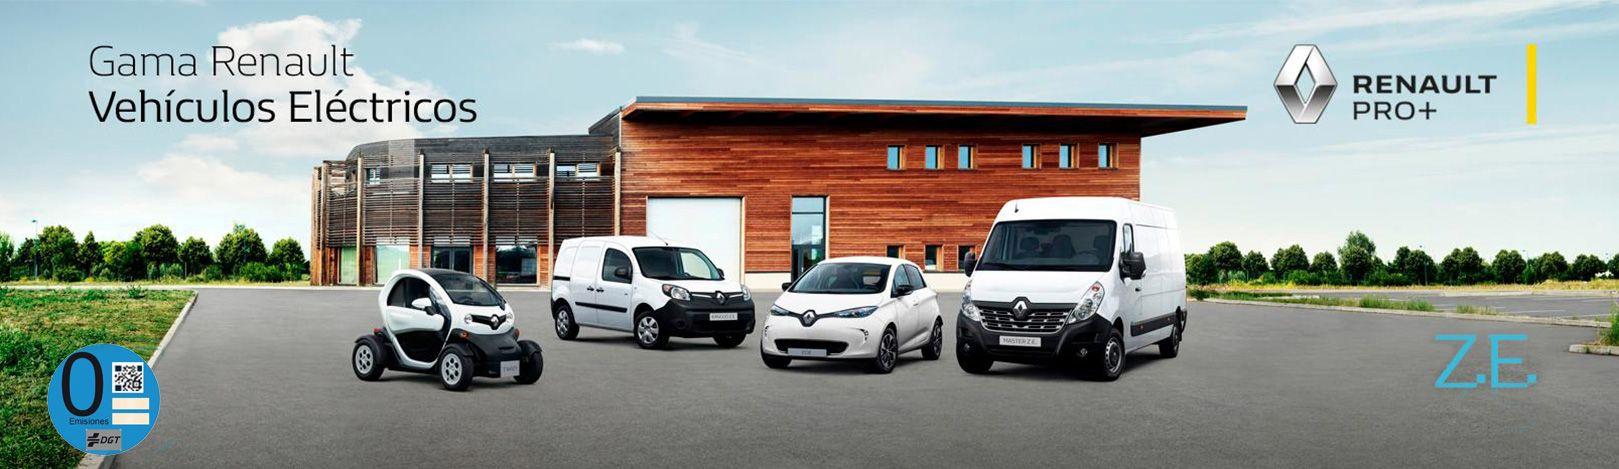 Gama Renault Vehículos eléctricos